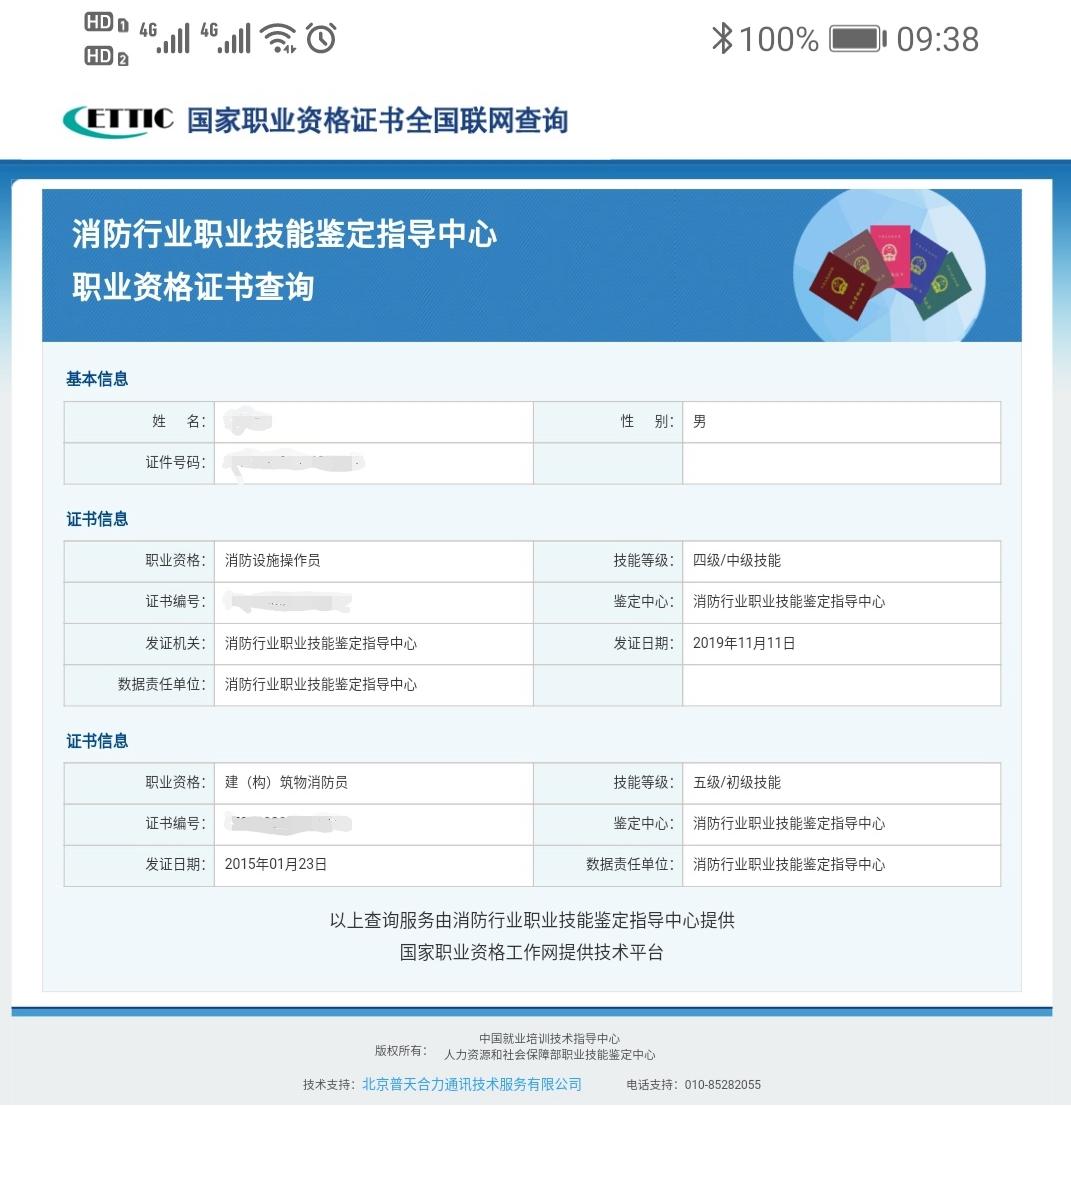 网上查询职业资格证书示意图4